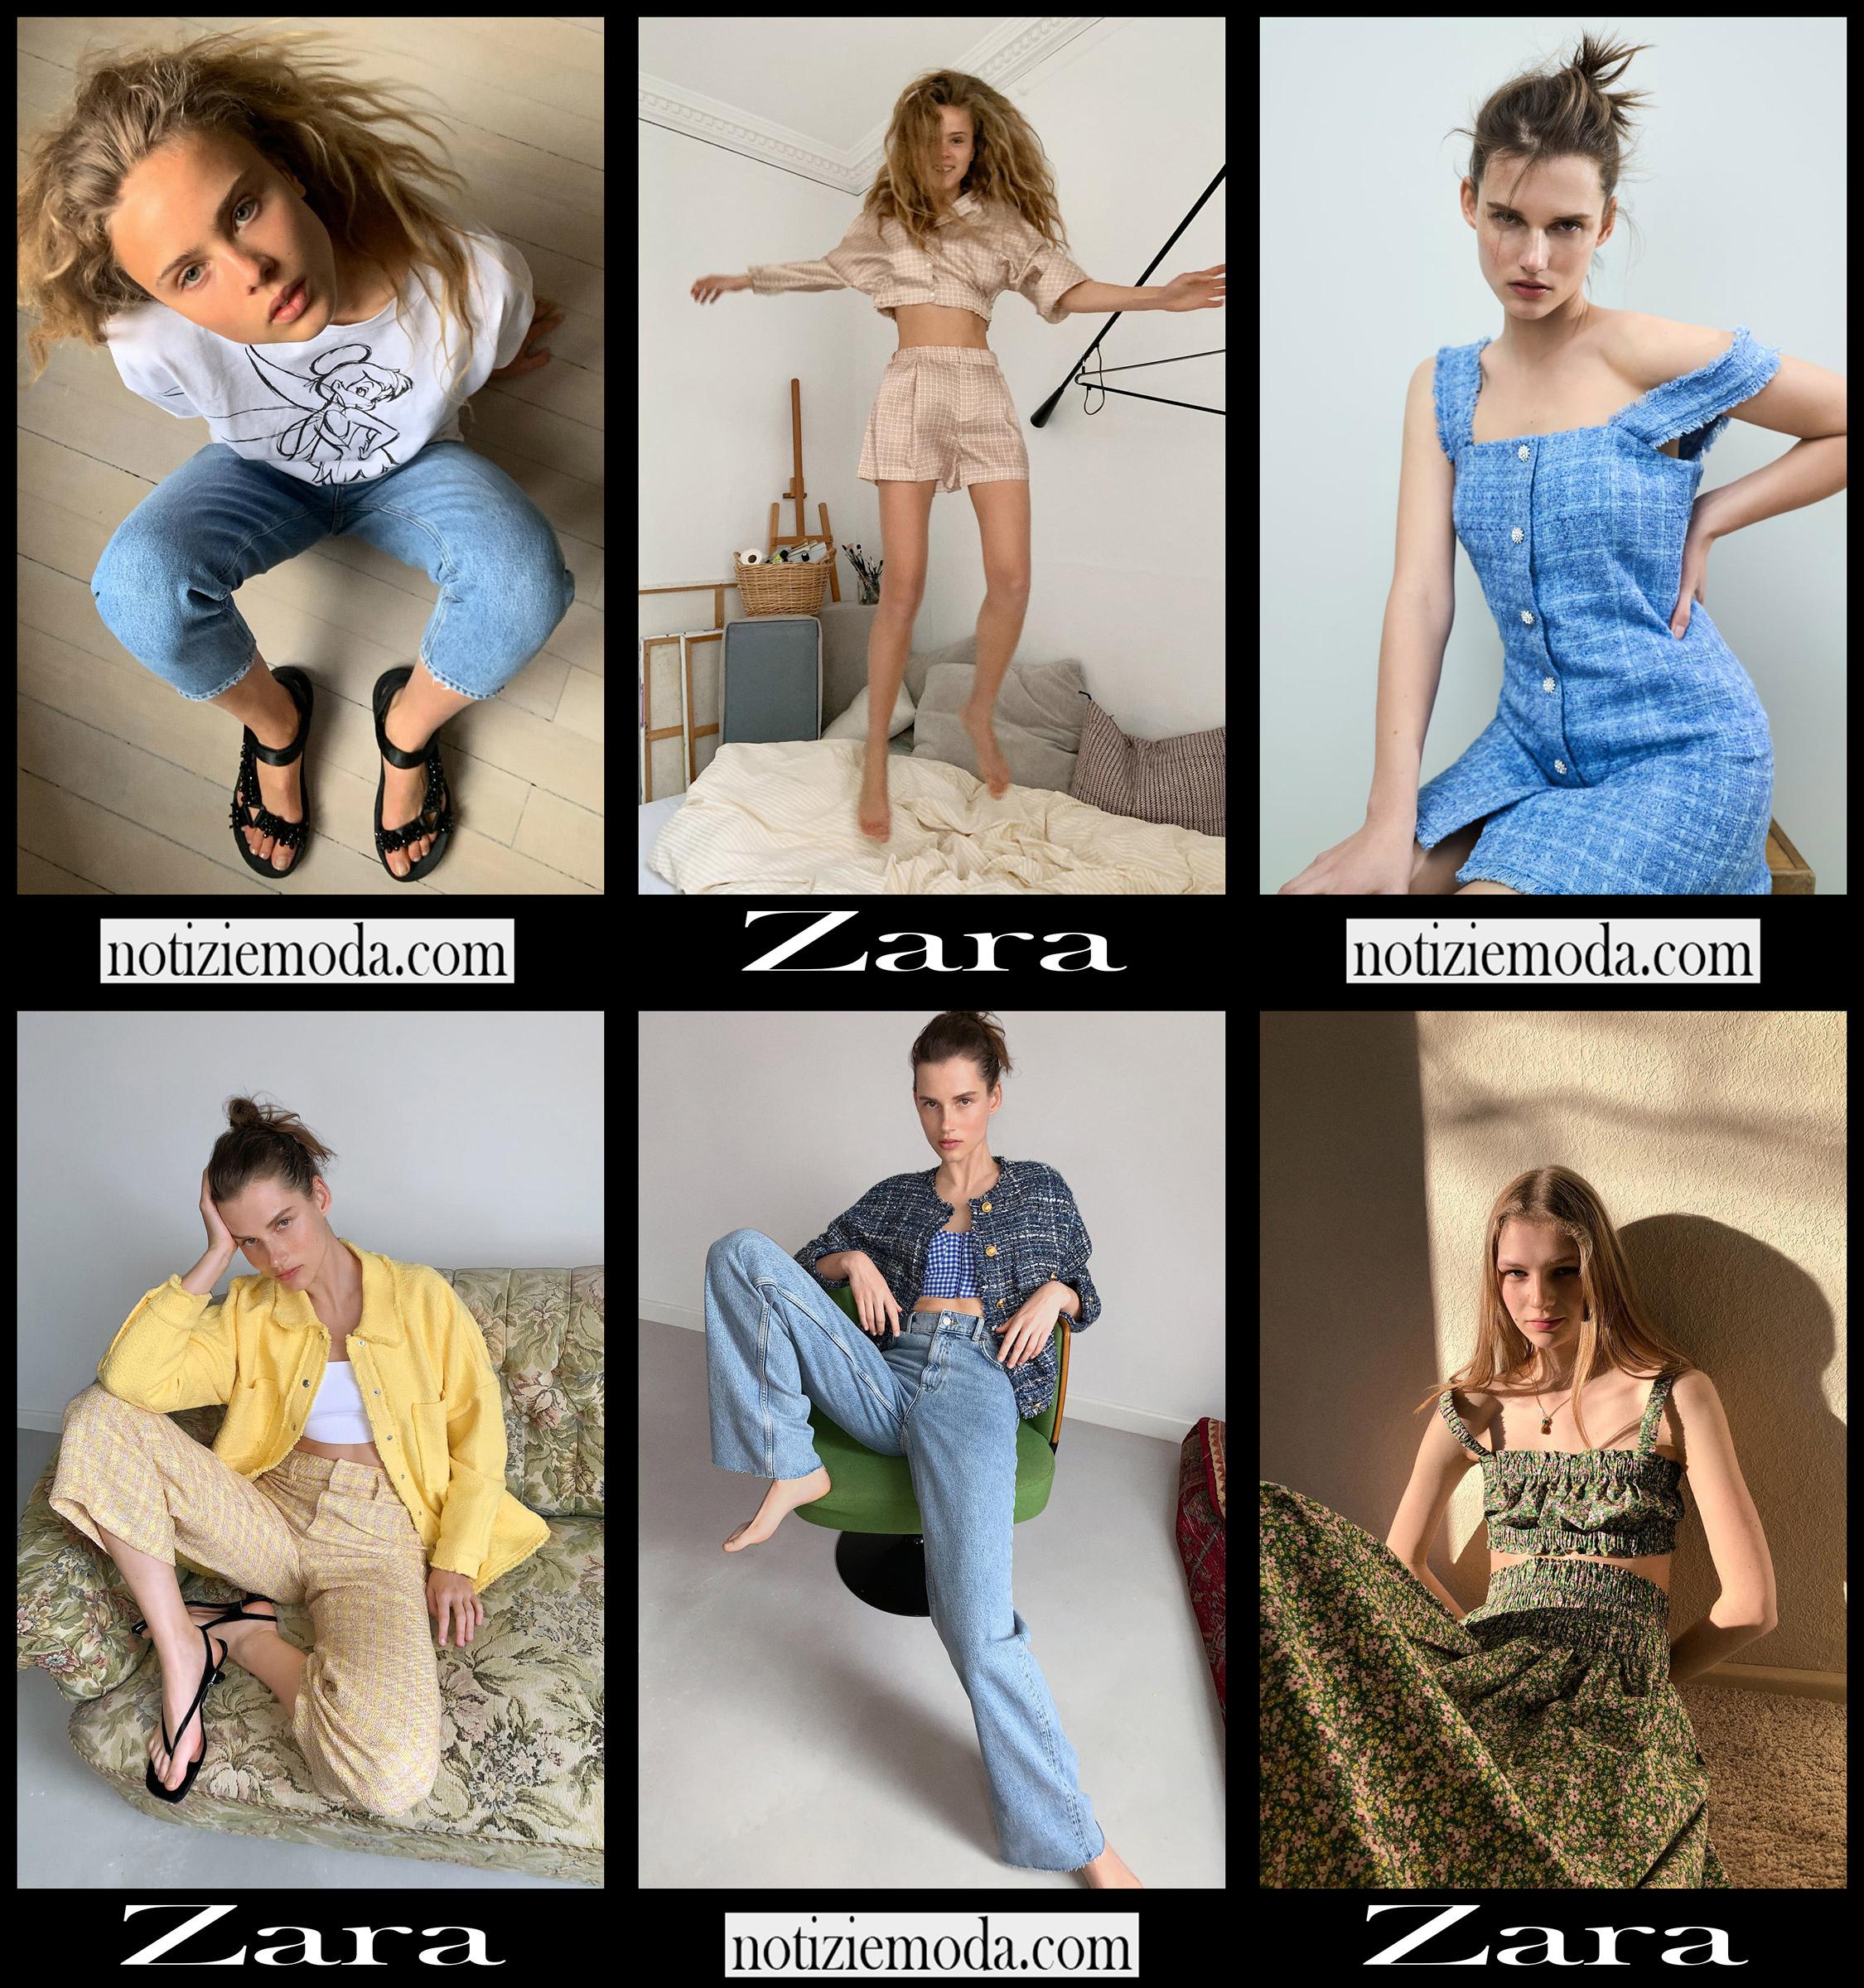 Abbigliamento Zara donna nuovi arrivi